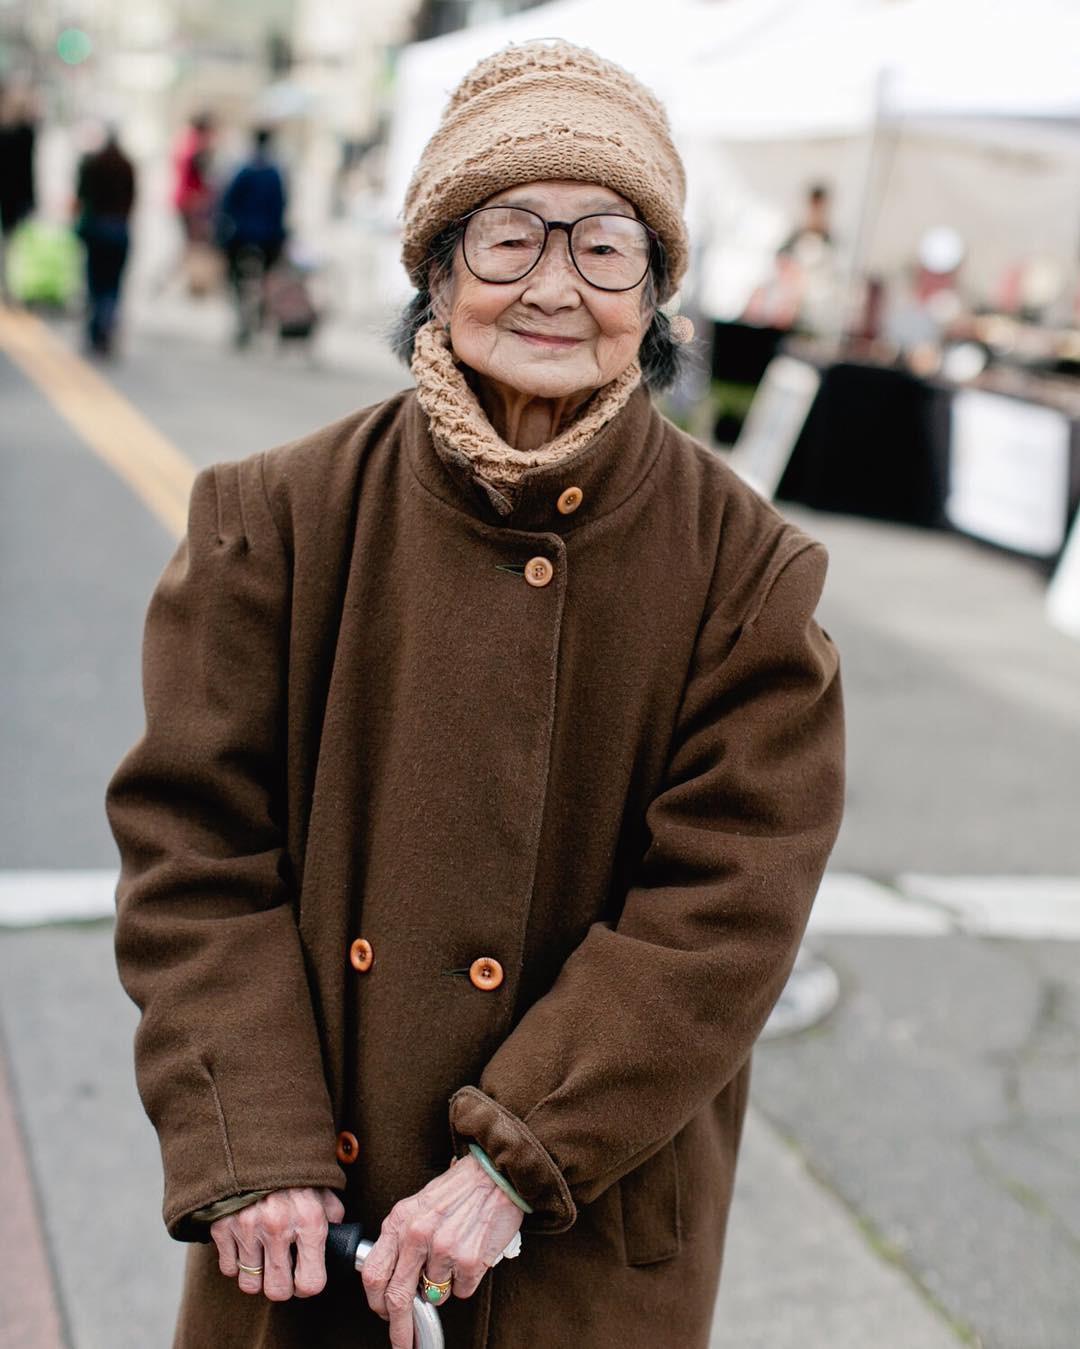 Không đăng hình giới trẻ, tài khoản Instagram này lại tôn vinh street style đi chợ của các cụ già và được hưởng ứng vô cùng - Ảnh 6.